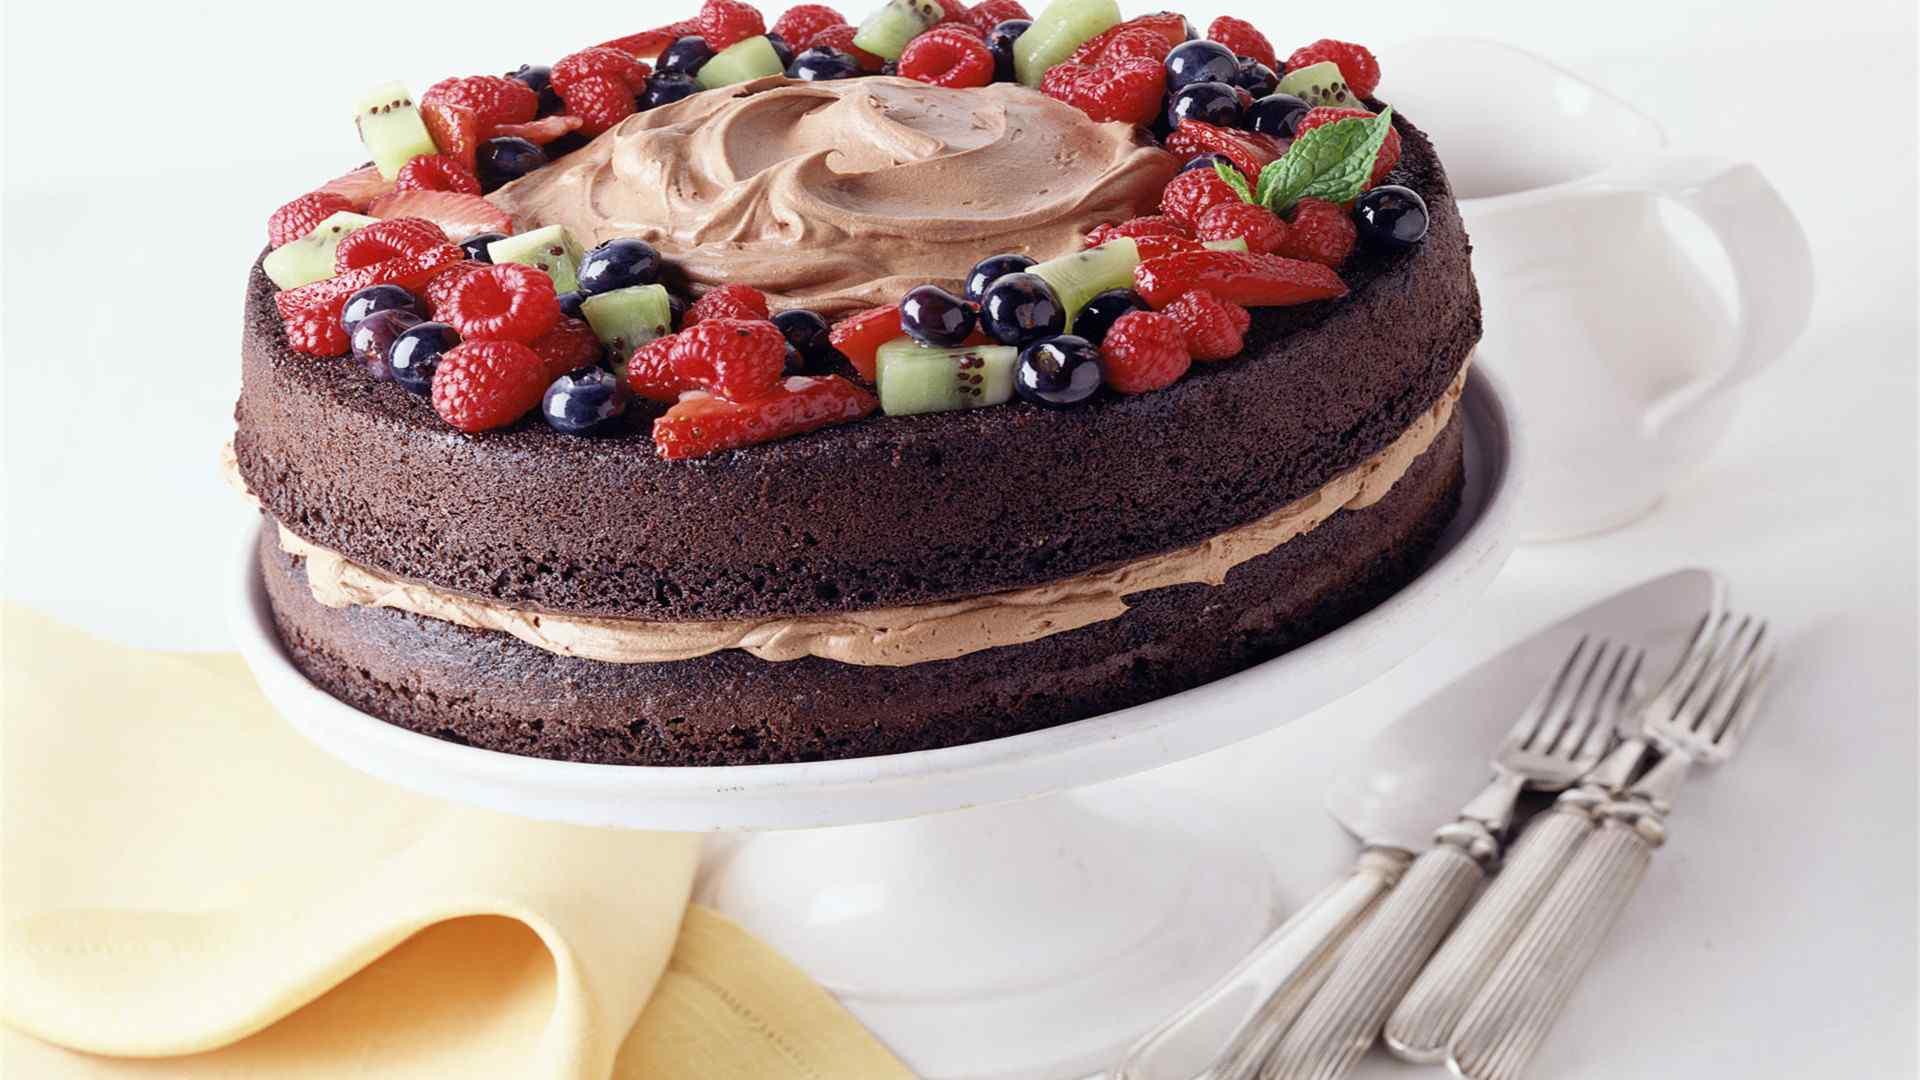 巧克力蛋糕诱人壁纸